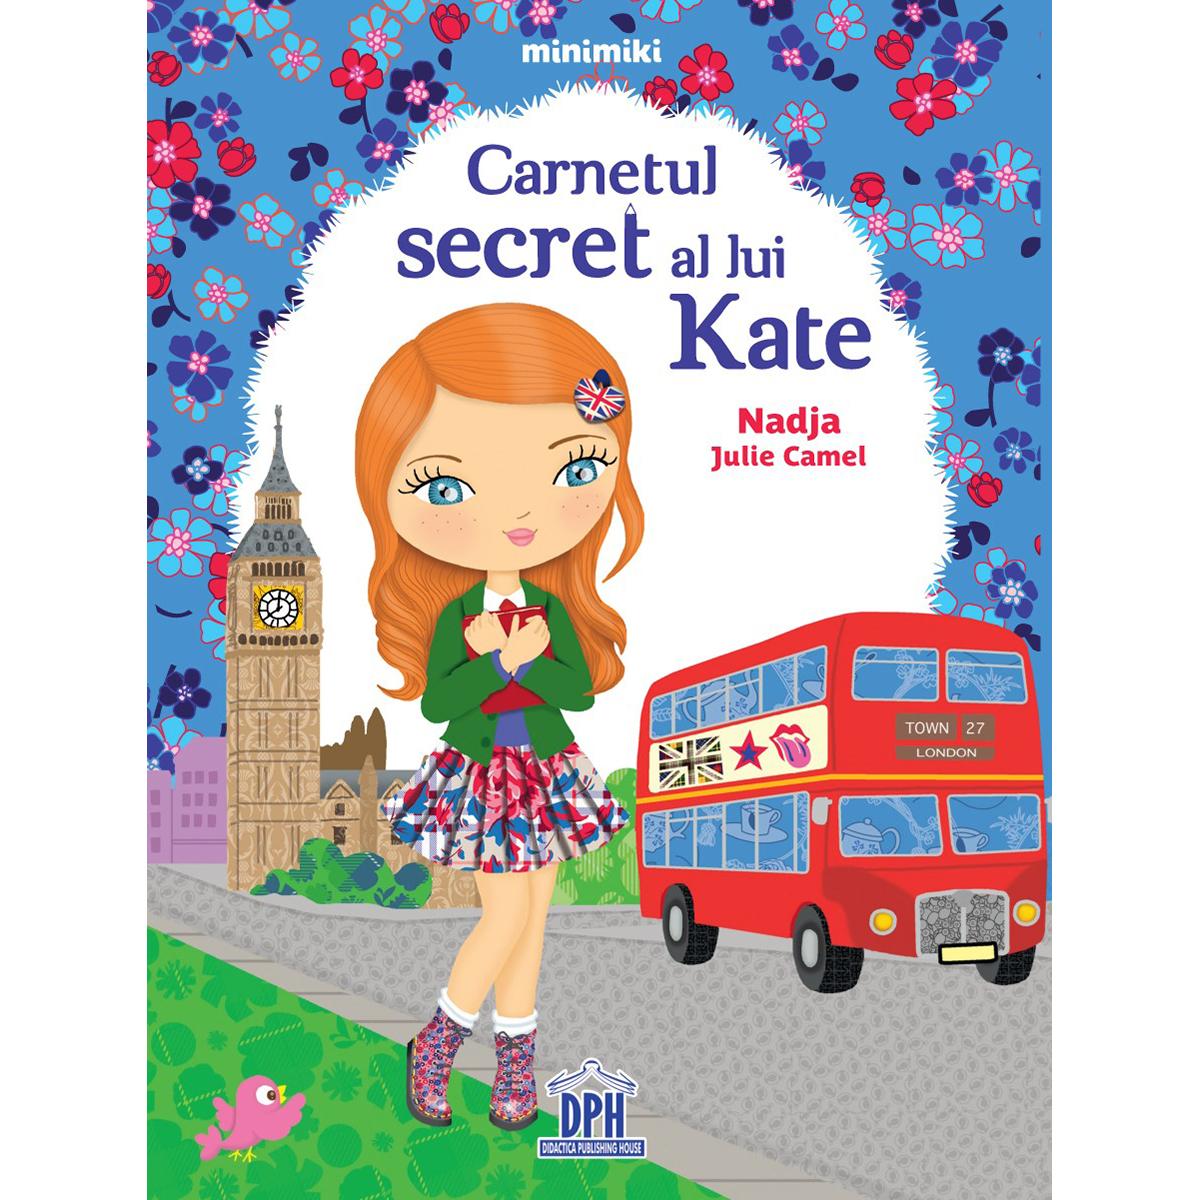 Carte Carnetul secret al lui Kate, Editura DPH